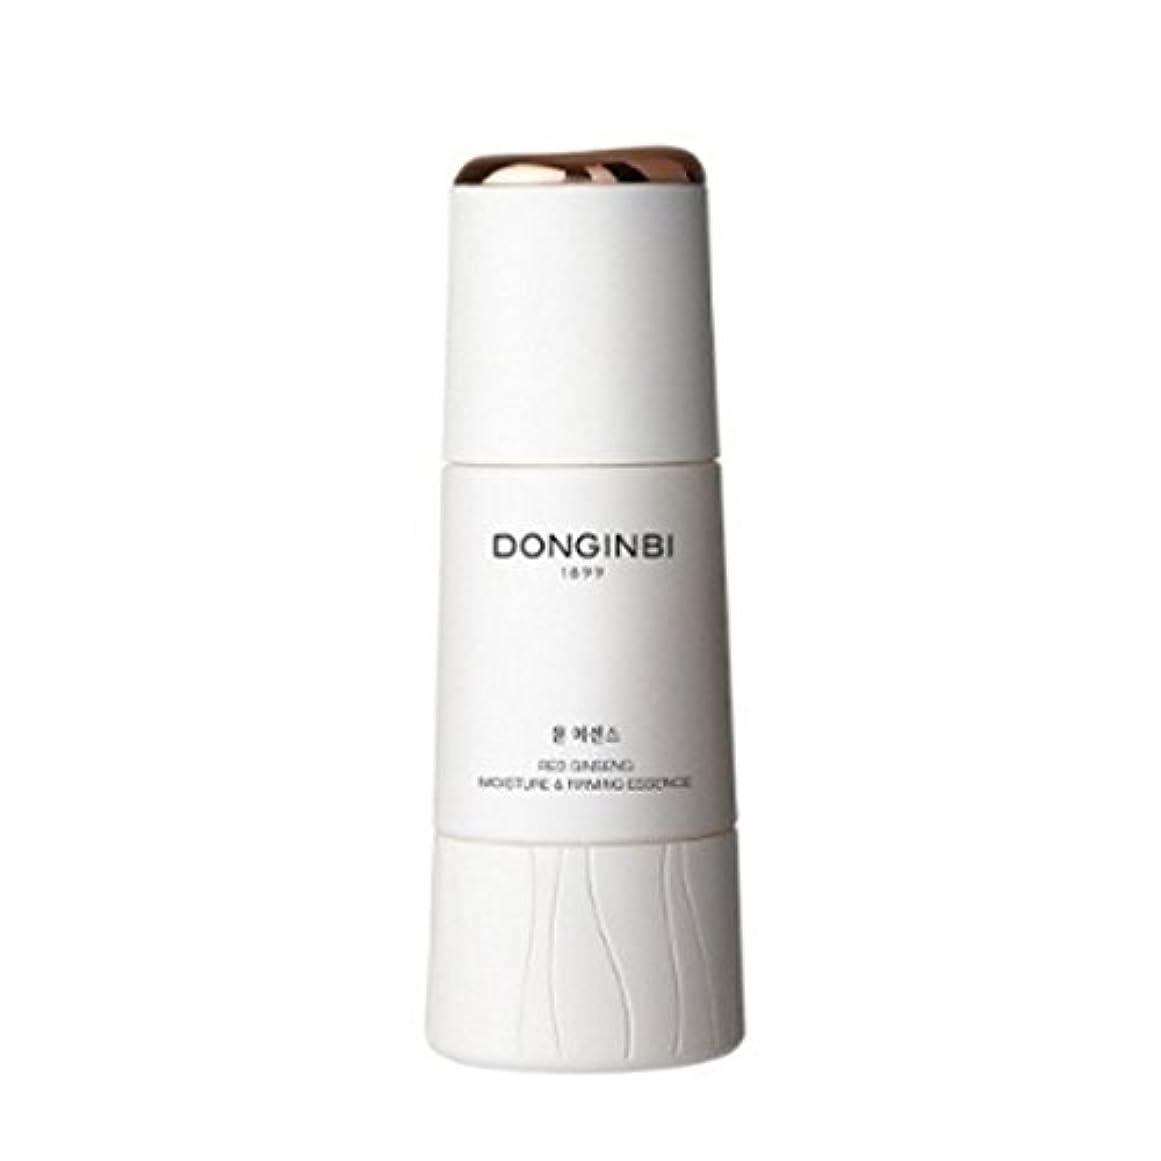 最大化するアンビエントピザ[ドンインビ]DONGINBI ドンインビユン エッセンス50ml 海外直送品 essence 50ml [並行輸入品]